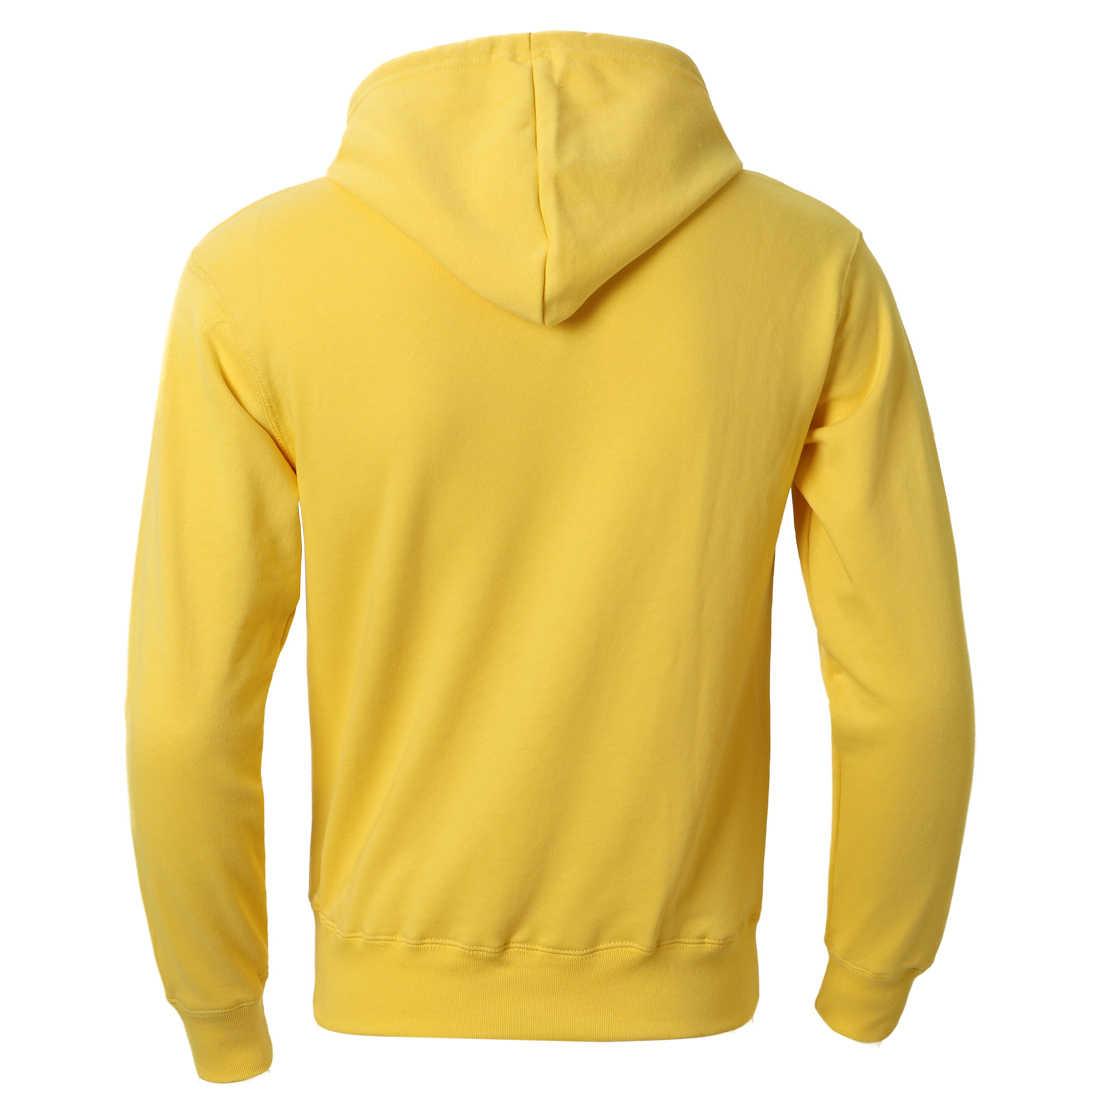 Einzigartige Cccp Russische Udssr Sowjetische Drucken Hoodies Mit Kapuze Herren 2020 Marke Harajuku Mit Kapuze Streetwear Sweatshirt Casual Trainingsanzüge